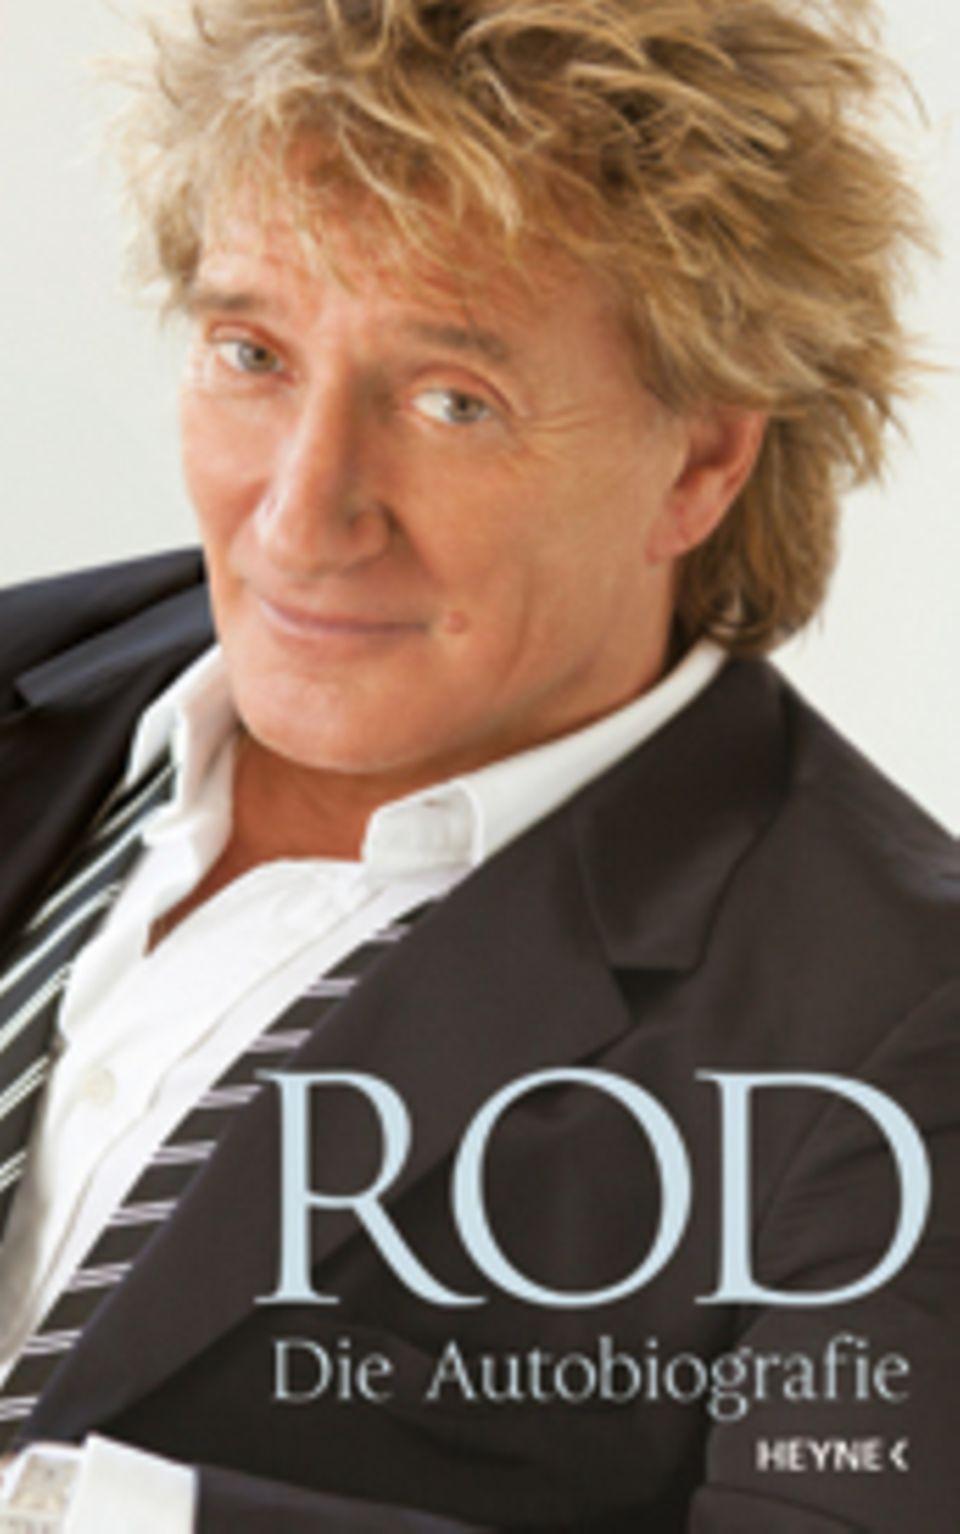 """In seiner Autobiografie """"Rod"""" plaudert der britische Superstar amüsant und voller Selbstironie aus seinem bewegten Leben (Heyne,"""